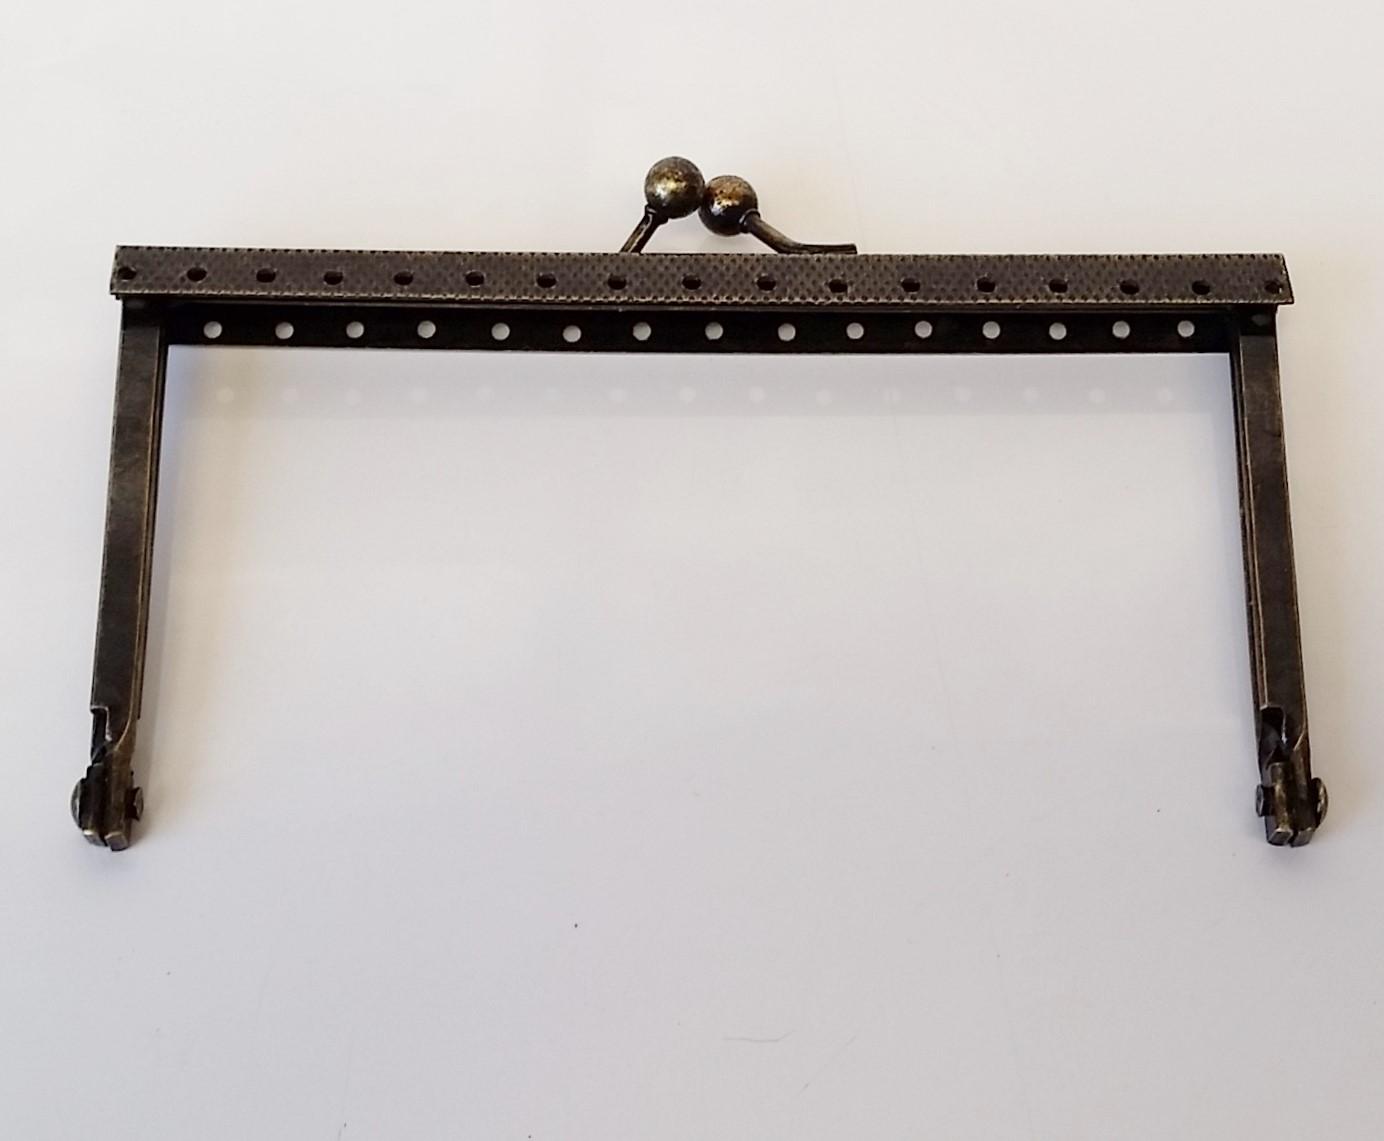 Armação 12cm x 6cm Gravada c/ furos p/ costura Ouro Velho